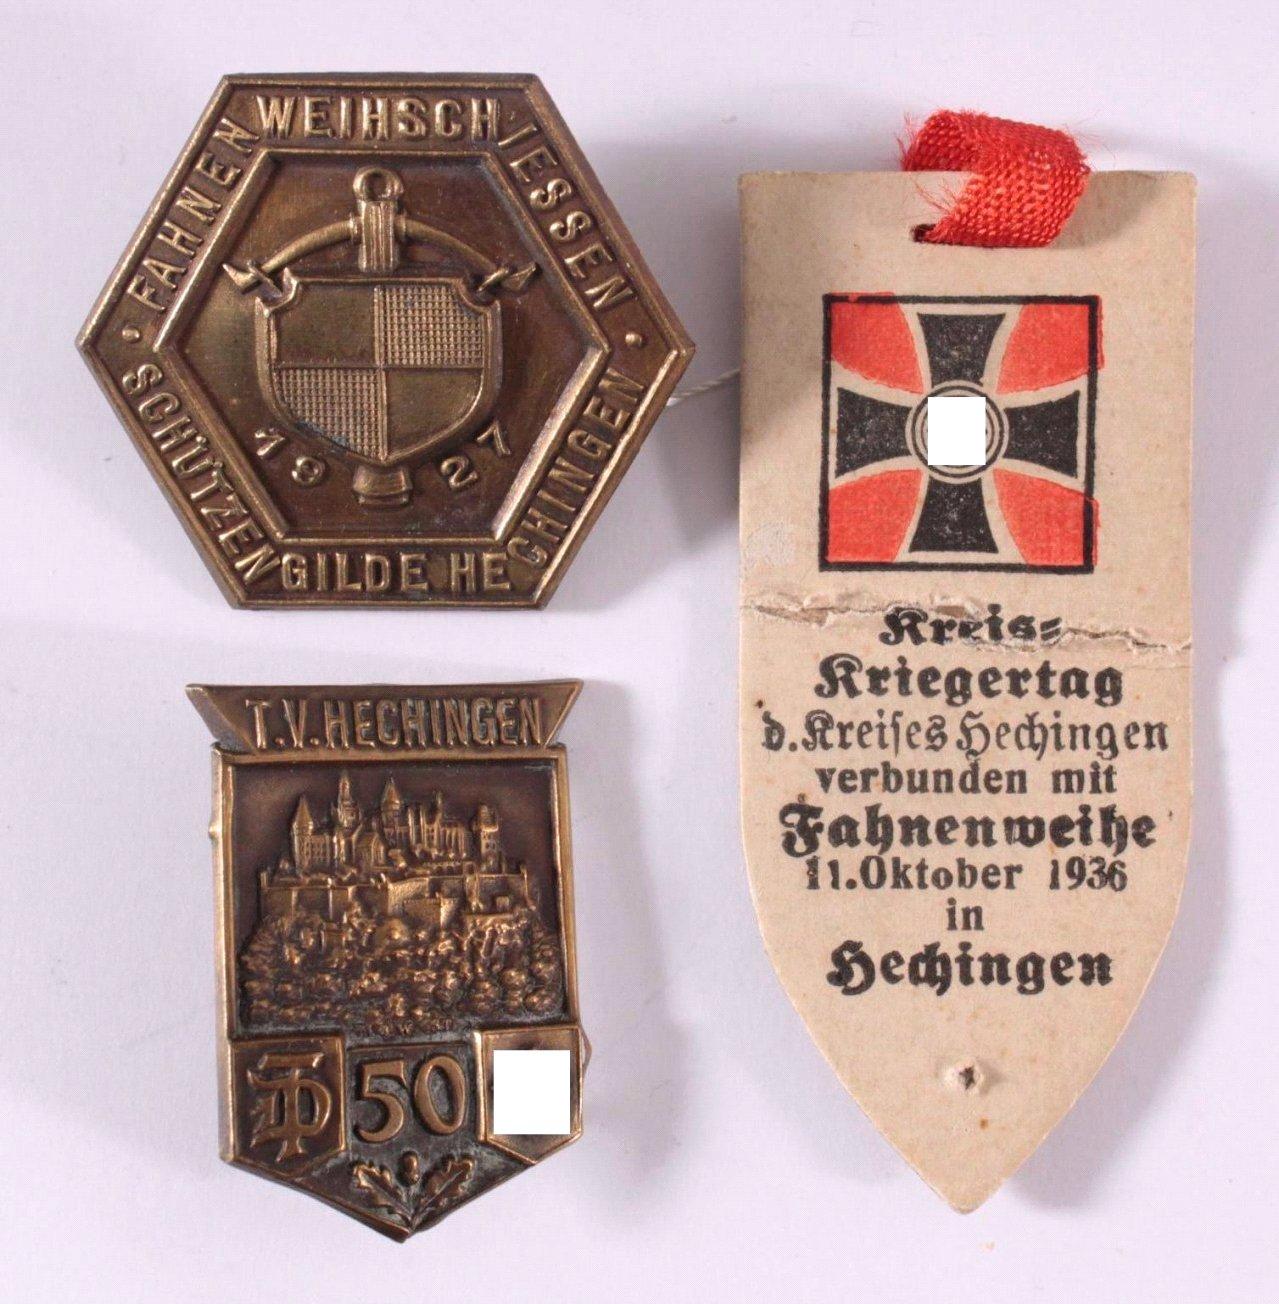 Tagungs- und Verantstaltungsabzeichen Hechingen